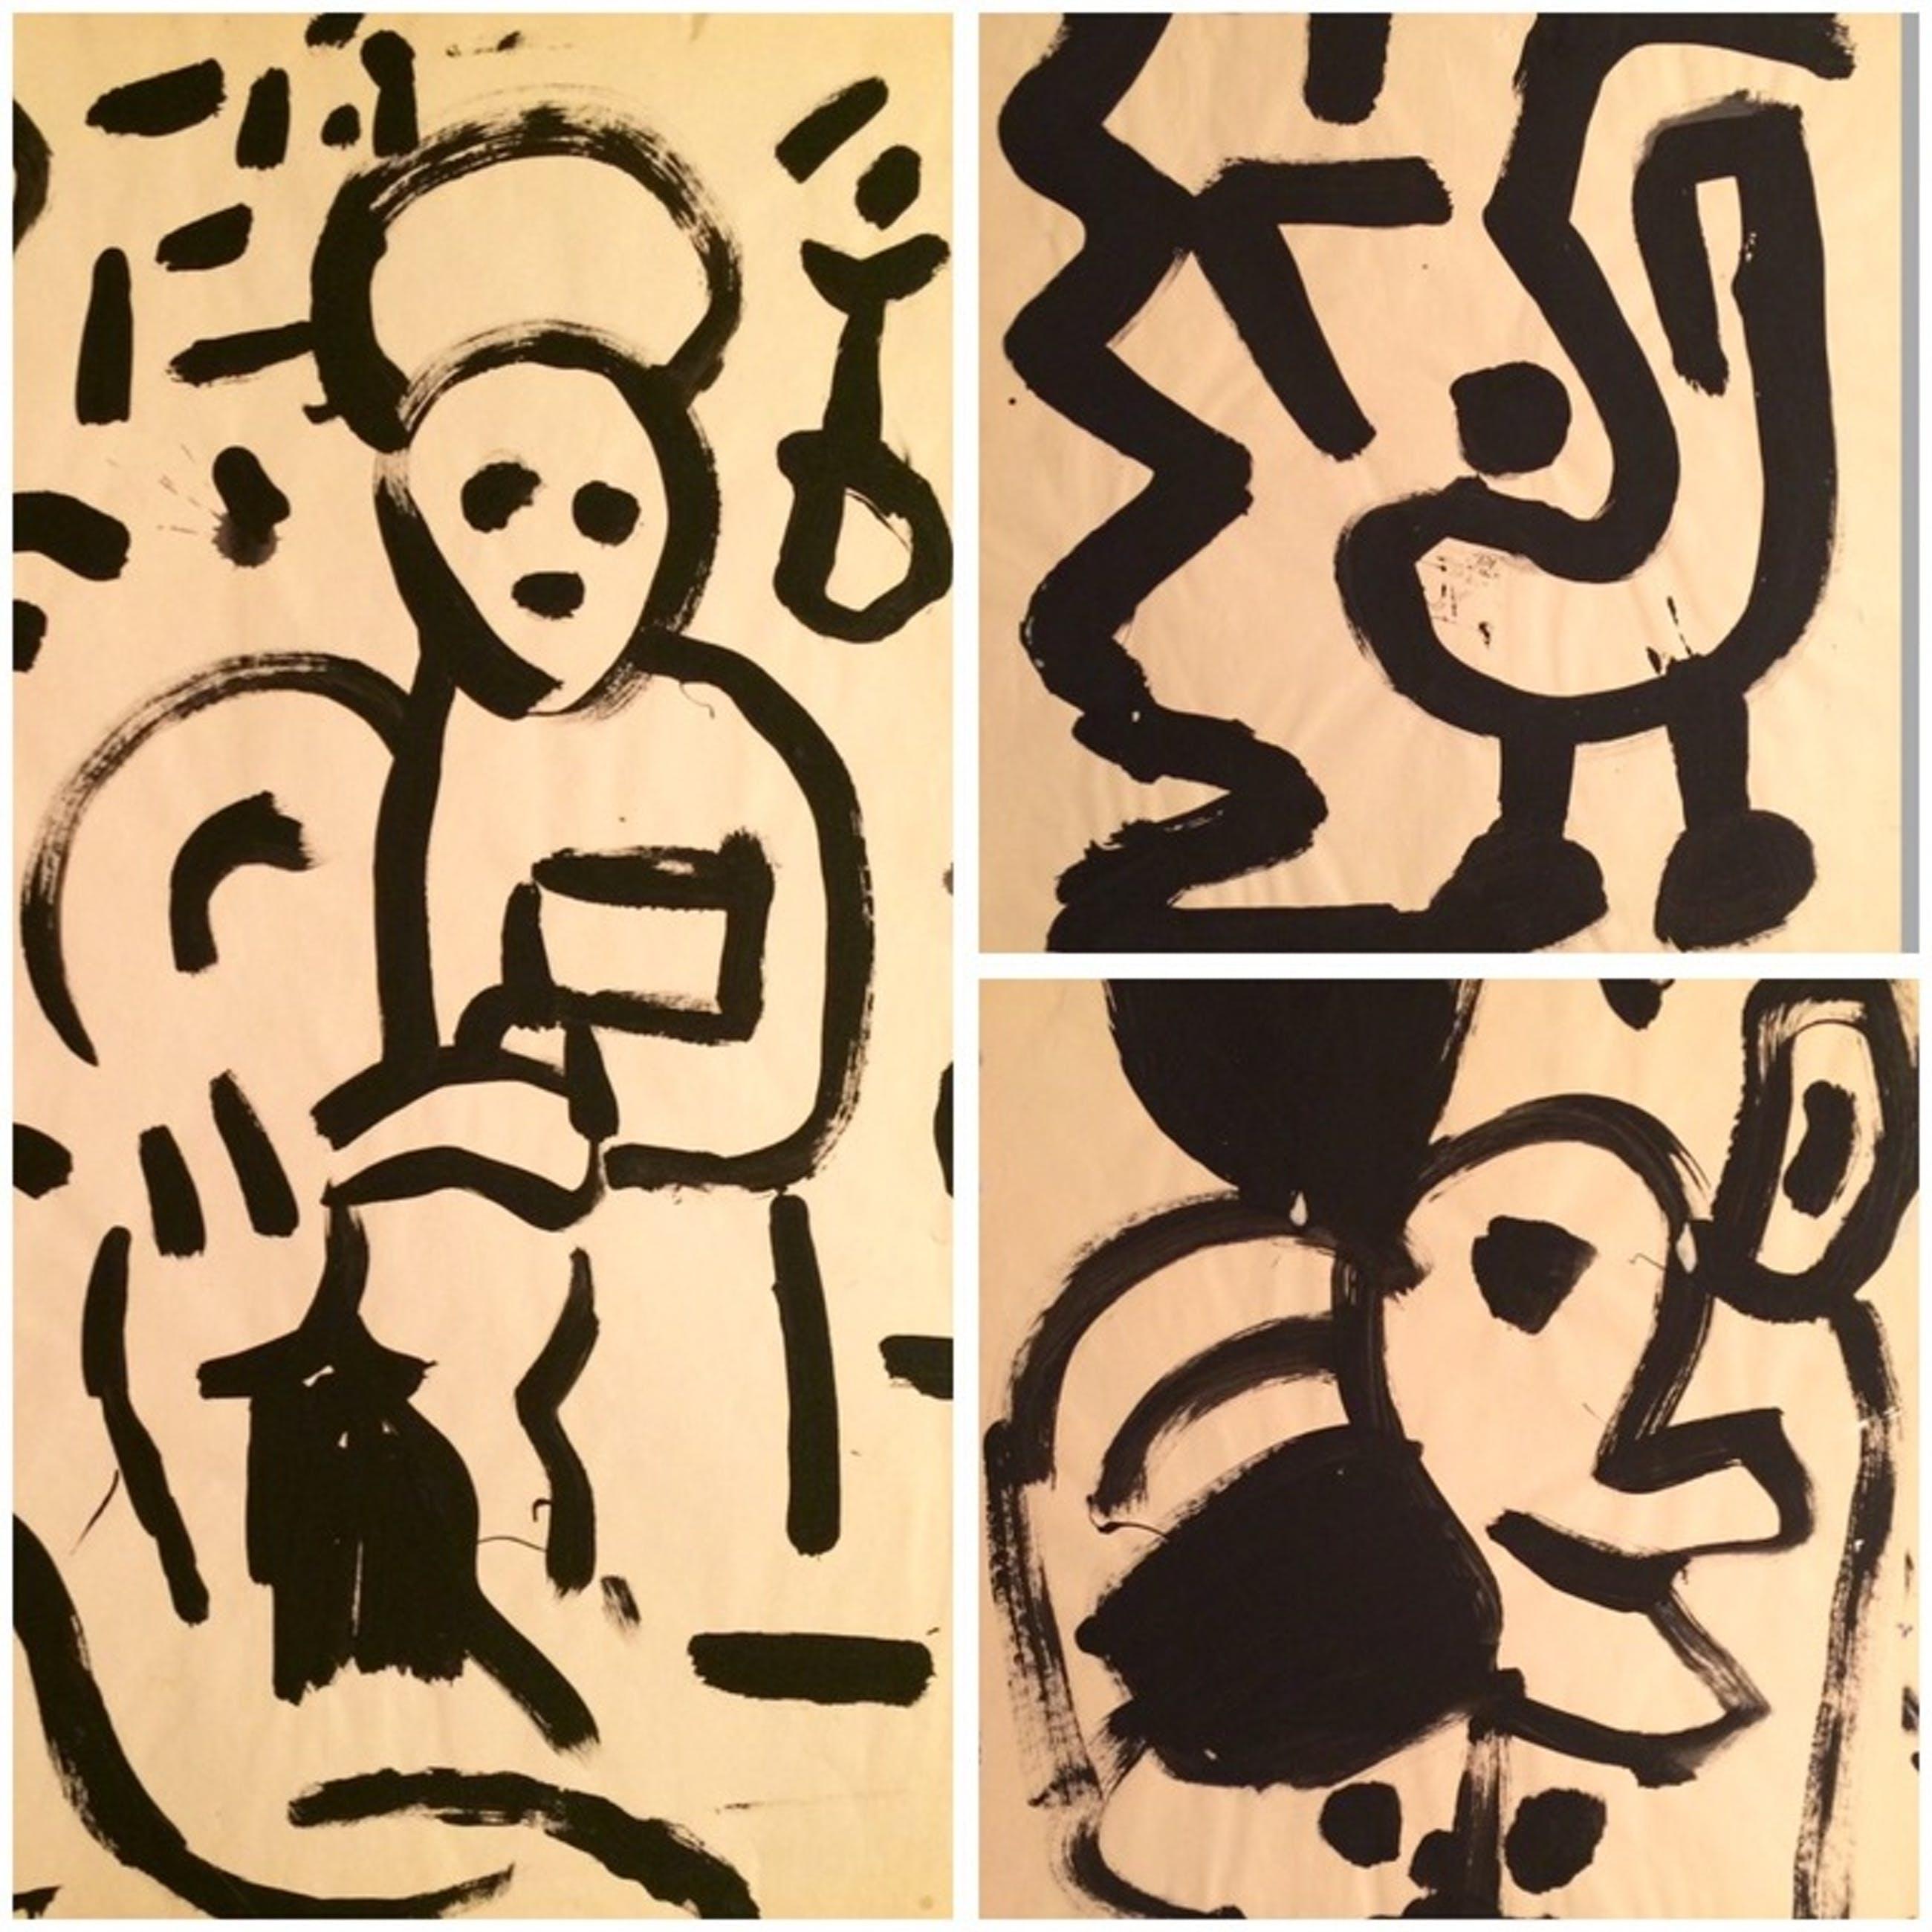 Peter Klashorst: 3 VROEGE Schilderingen - Subjects in Black I/II/VII - ca. 1983 kopen? Bied vanaf 145!